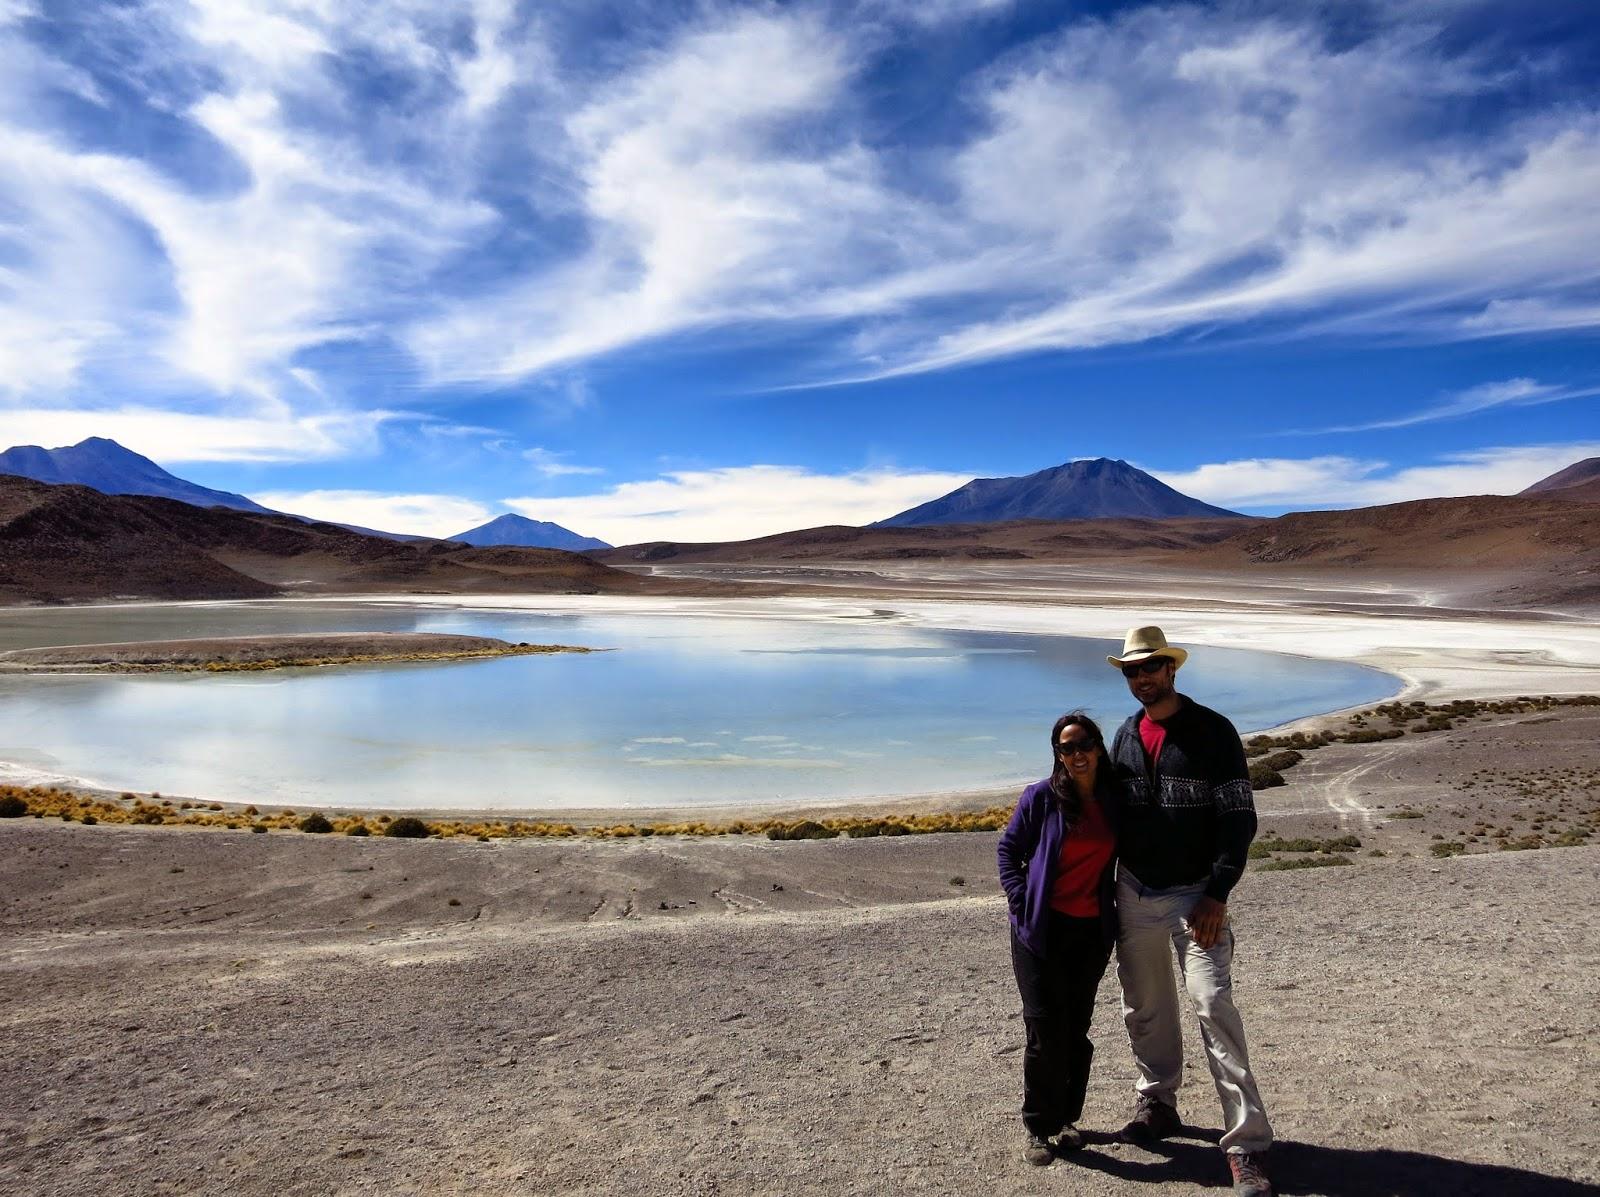 Lago en el altiplano boliviano.